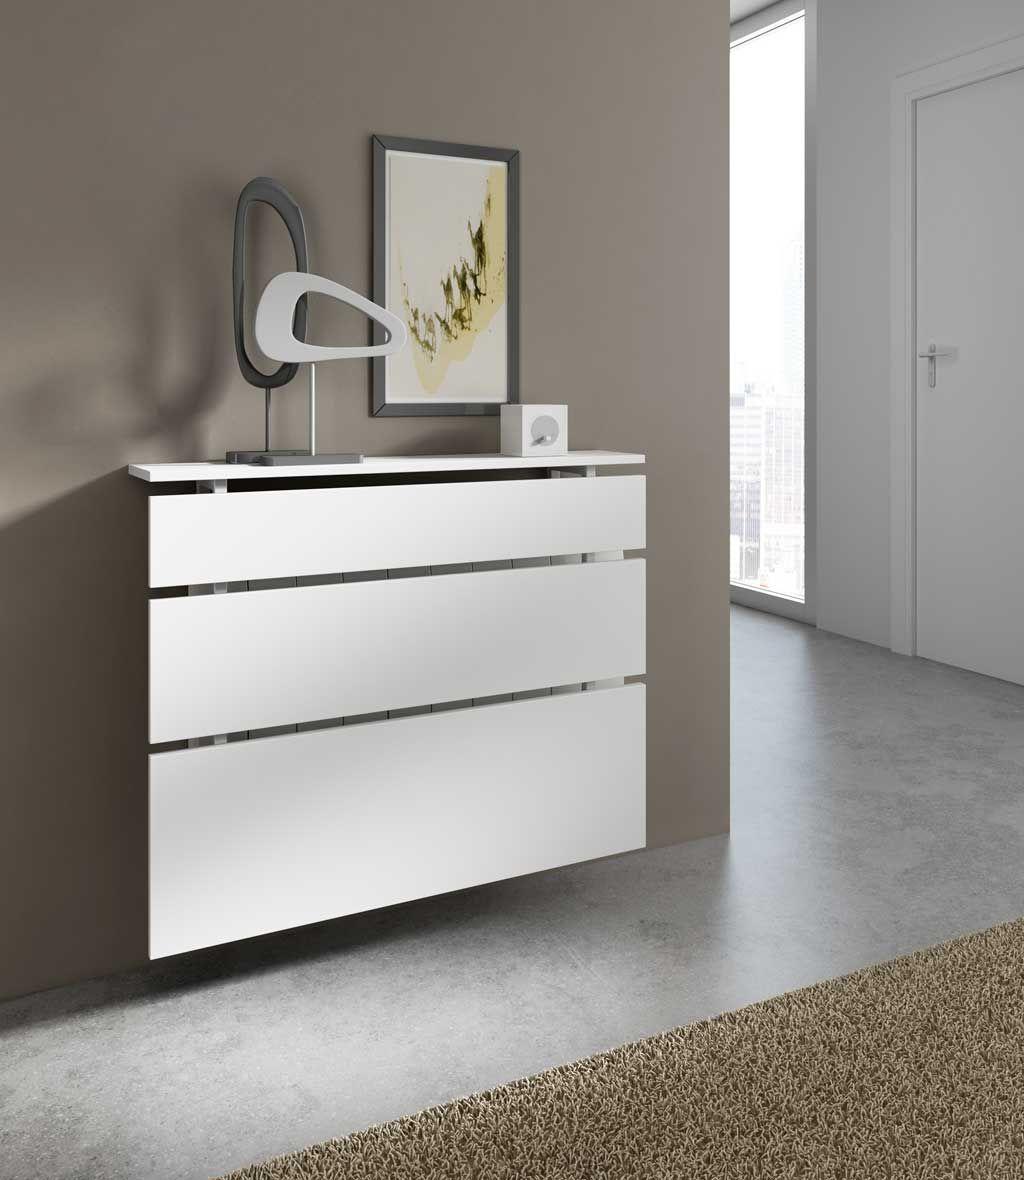 Design Heizkörper Flur Beautiful Design Heizung Wohnzimmer: Cubreradiador Moderno Modelo Lucern